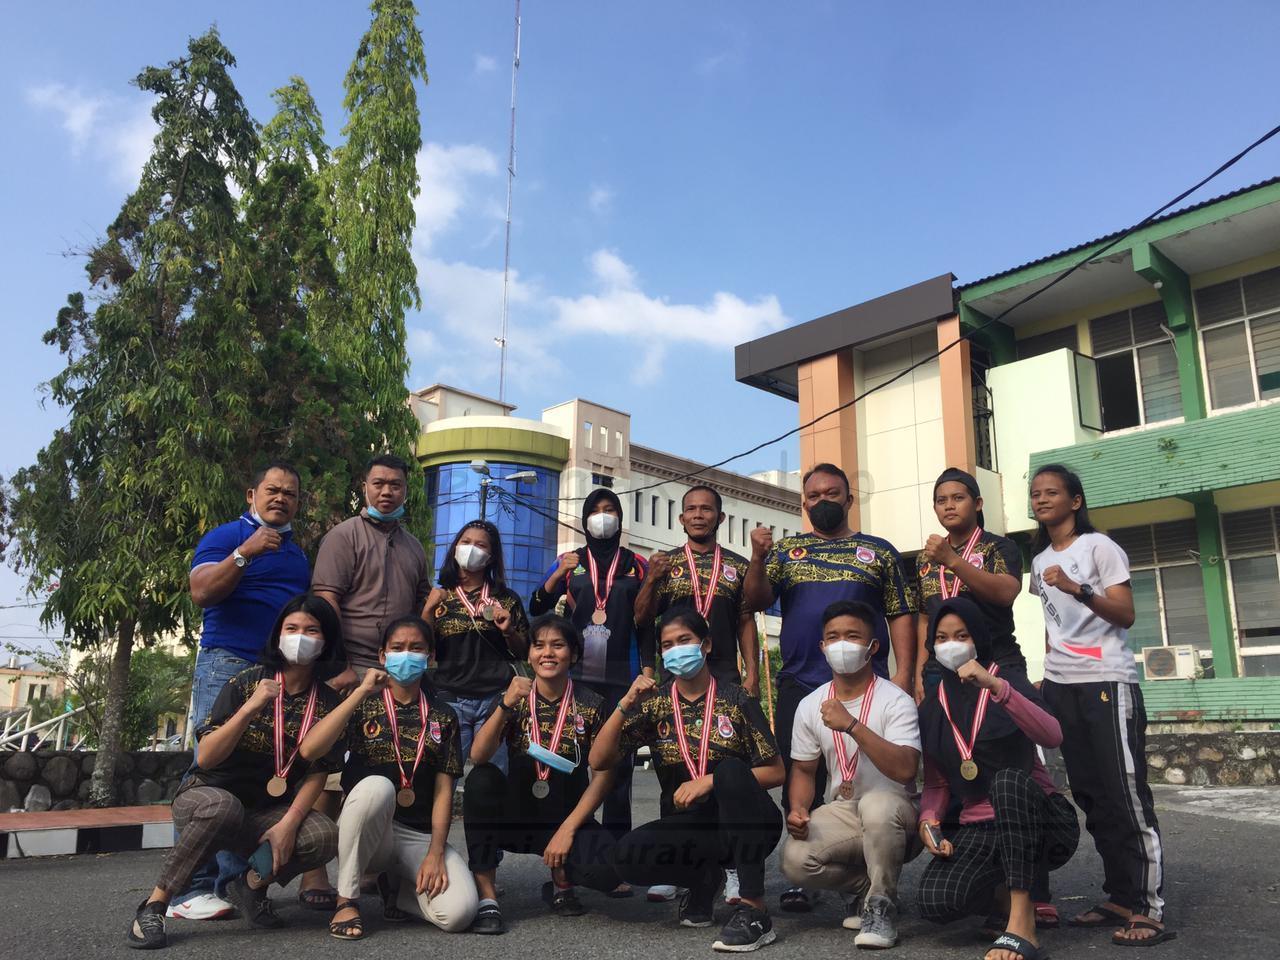 Pabbsi Tebing Tinggi Sabet 12 Medali di Medan Open Turnamen 2021 2 IMG 20210301 WA0083